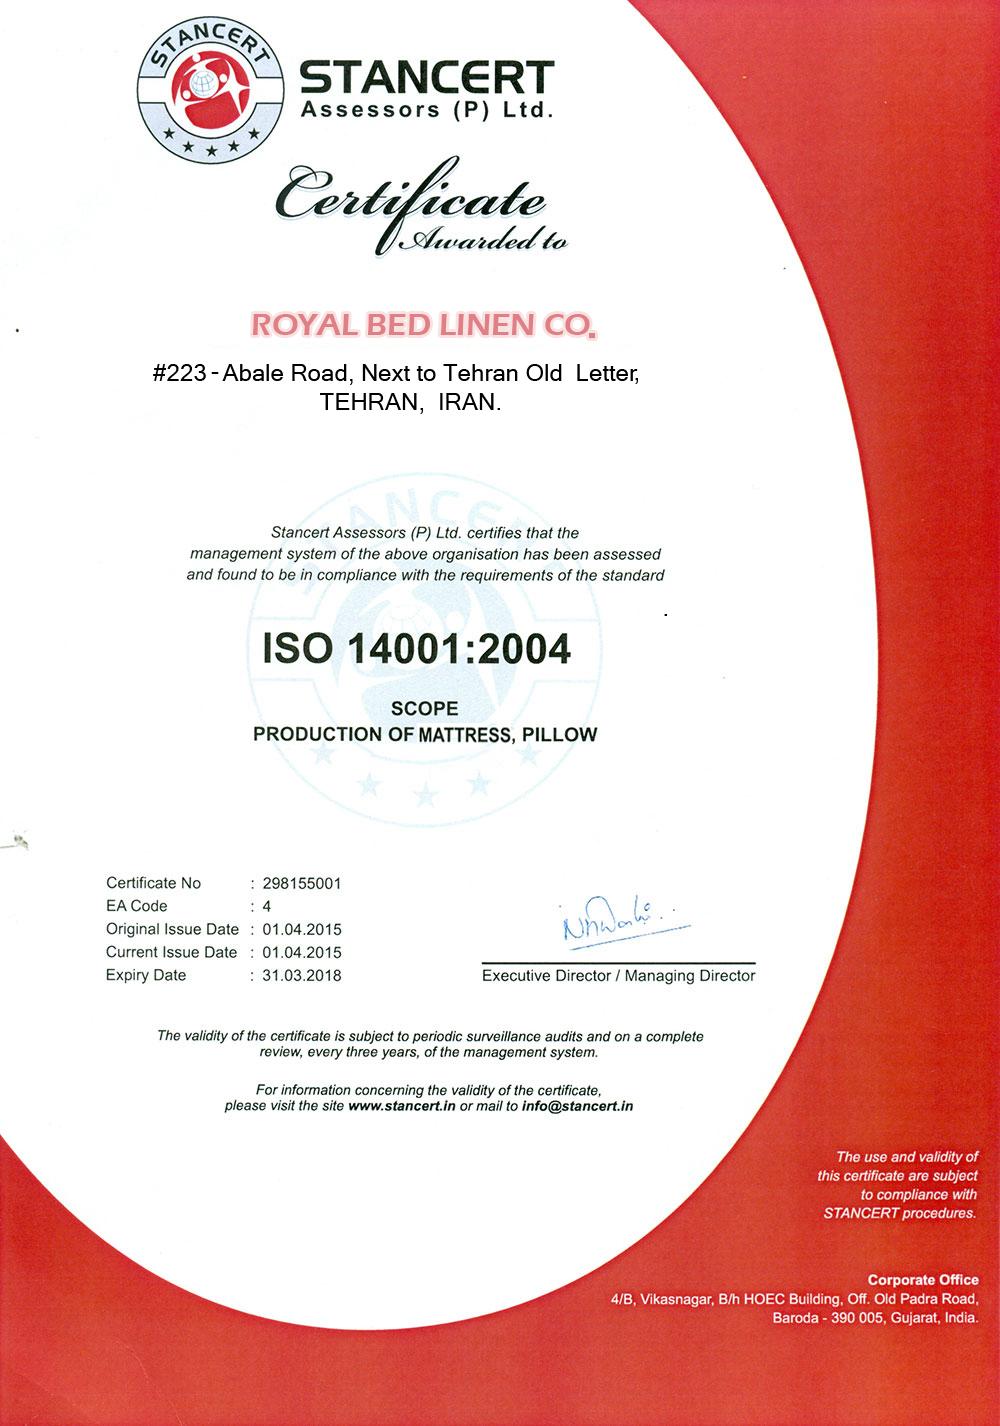 گواهینامه استاندارد بین المللی شرکت رویال